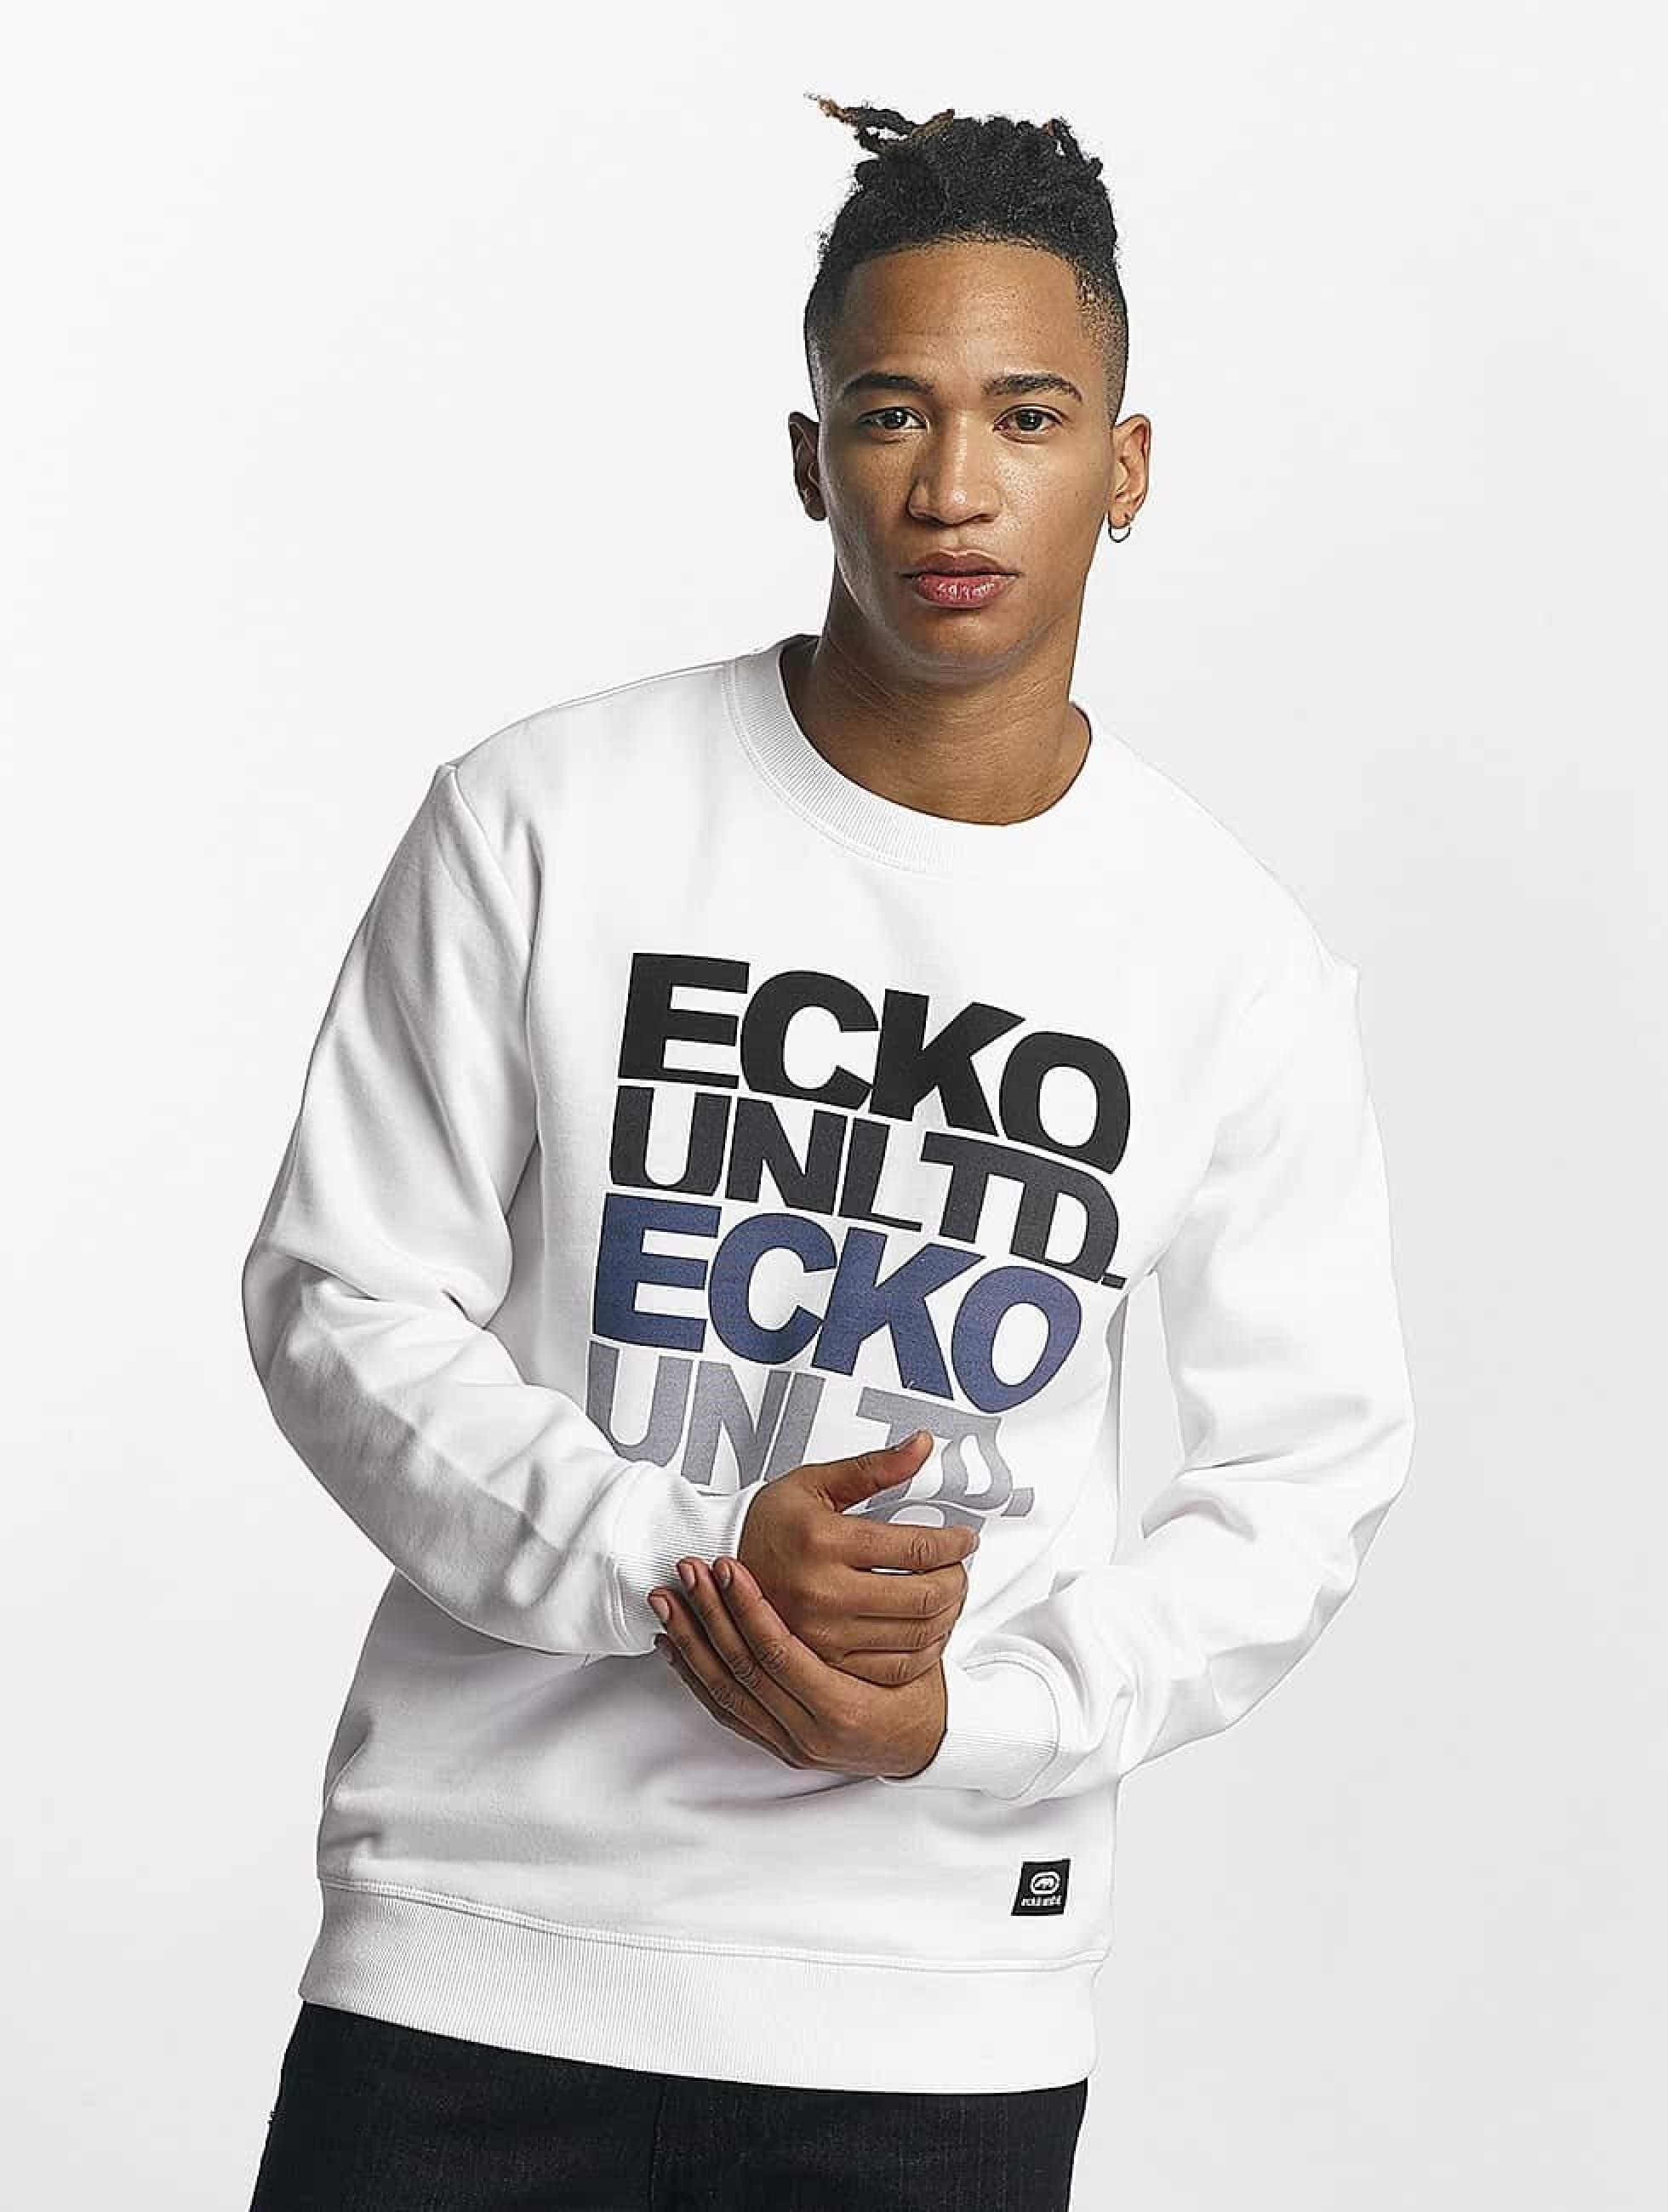 Ecko Unltd. / Jumper Fuerteventura in white 4XL